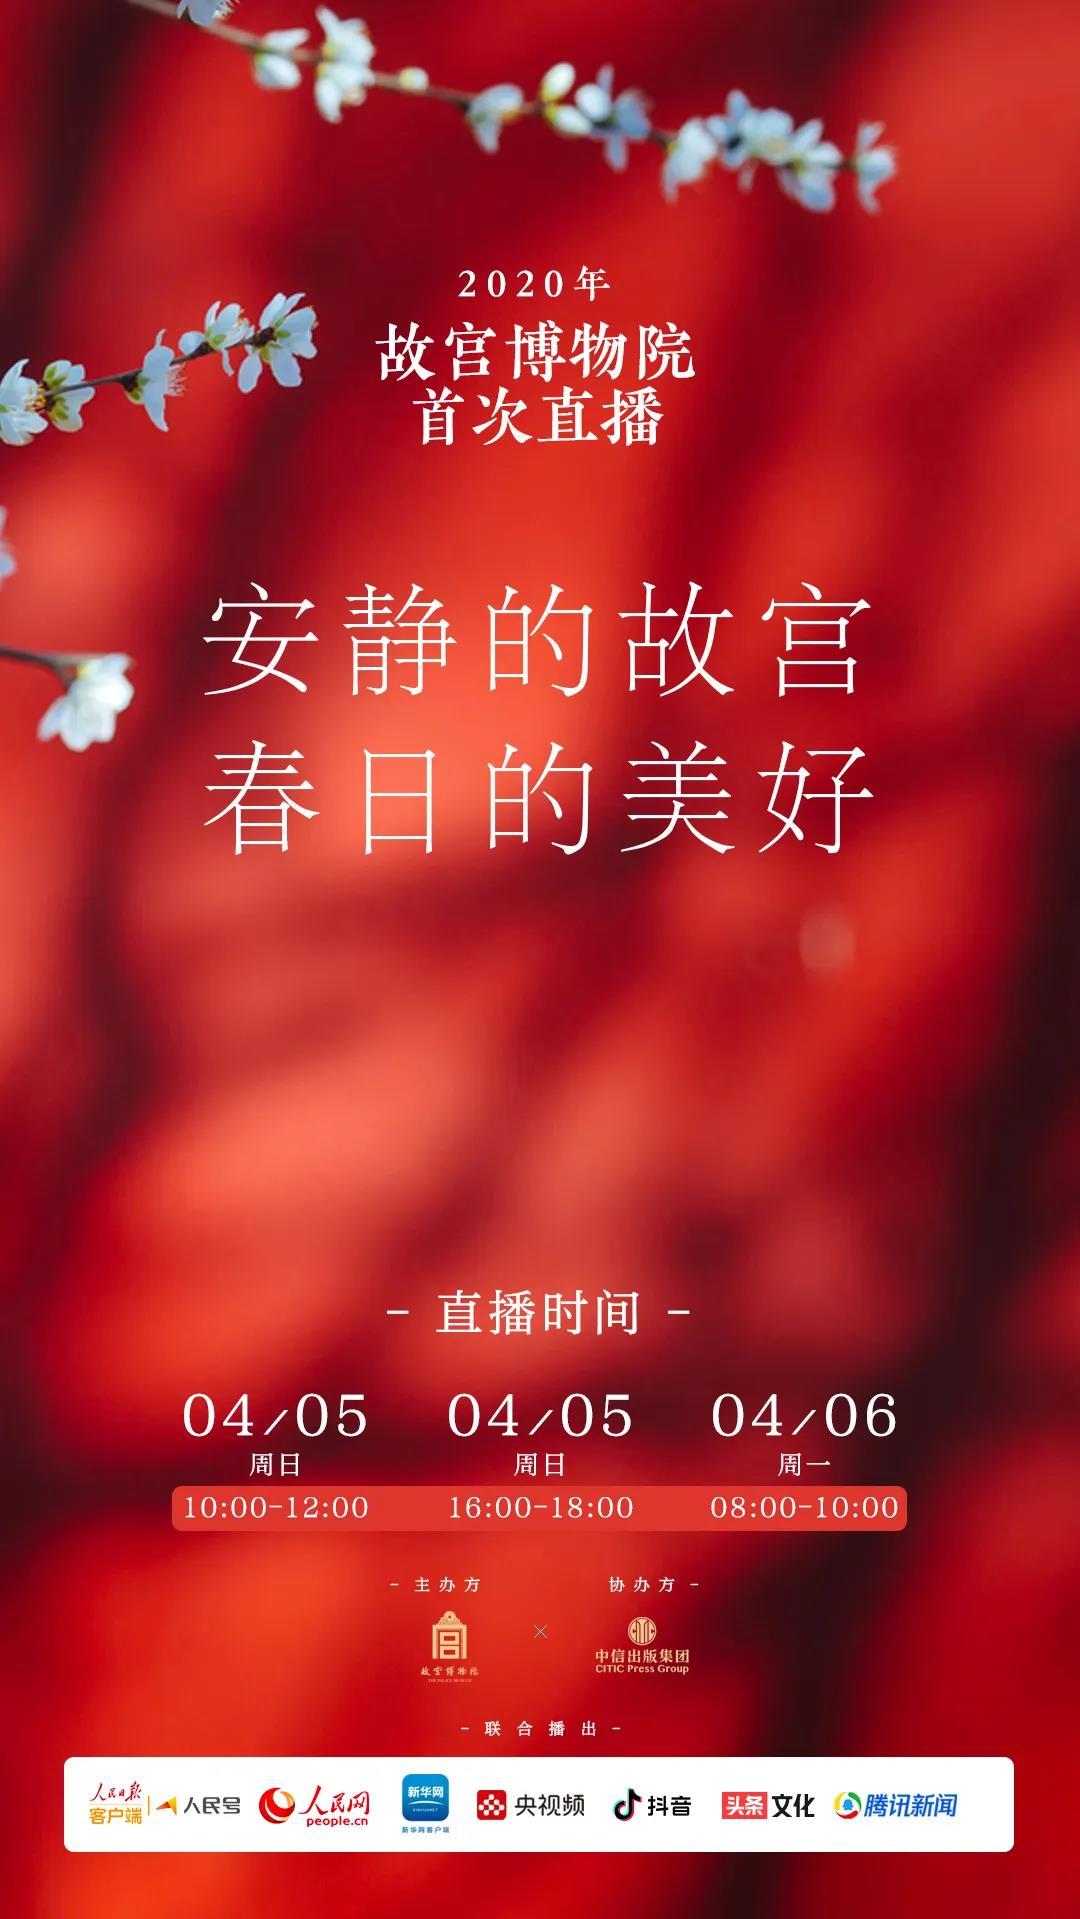 微信图片_20200405114759.jpg